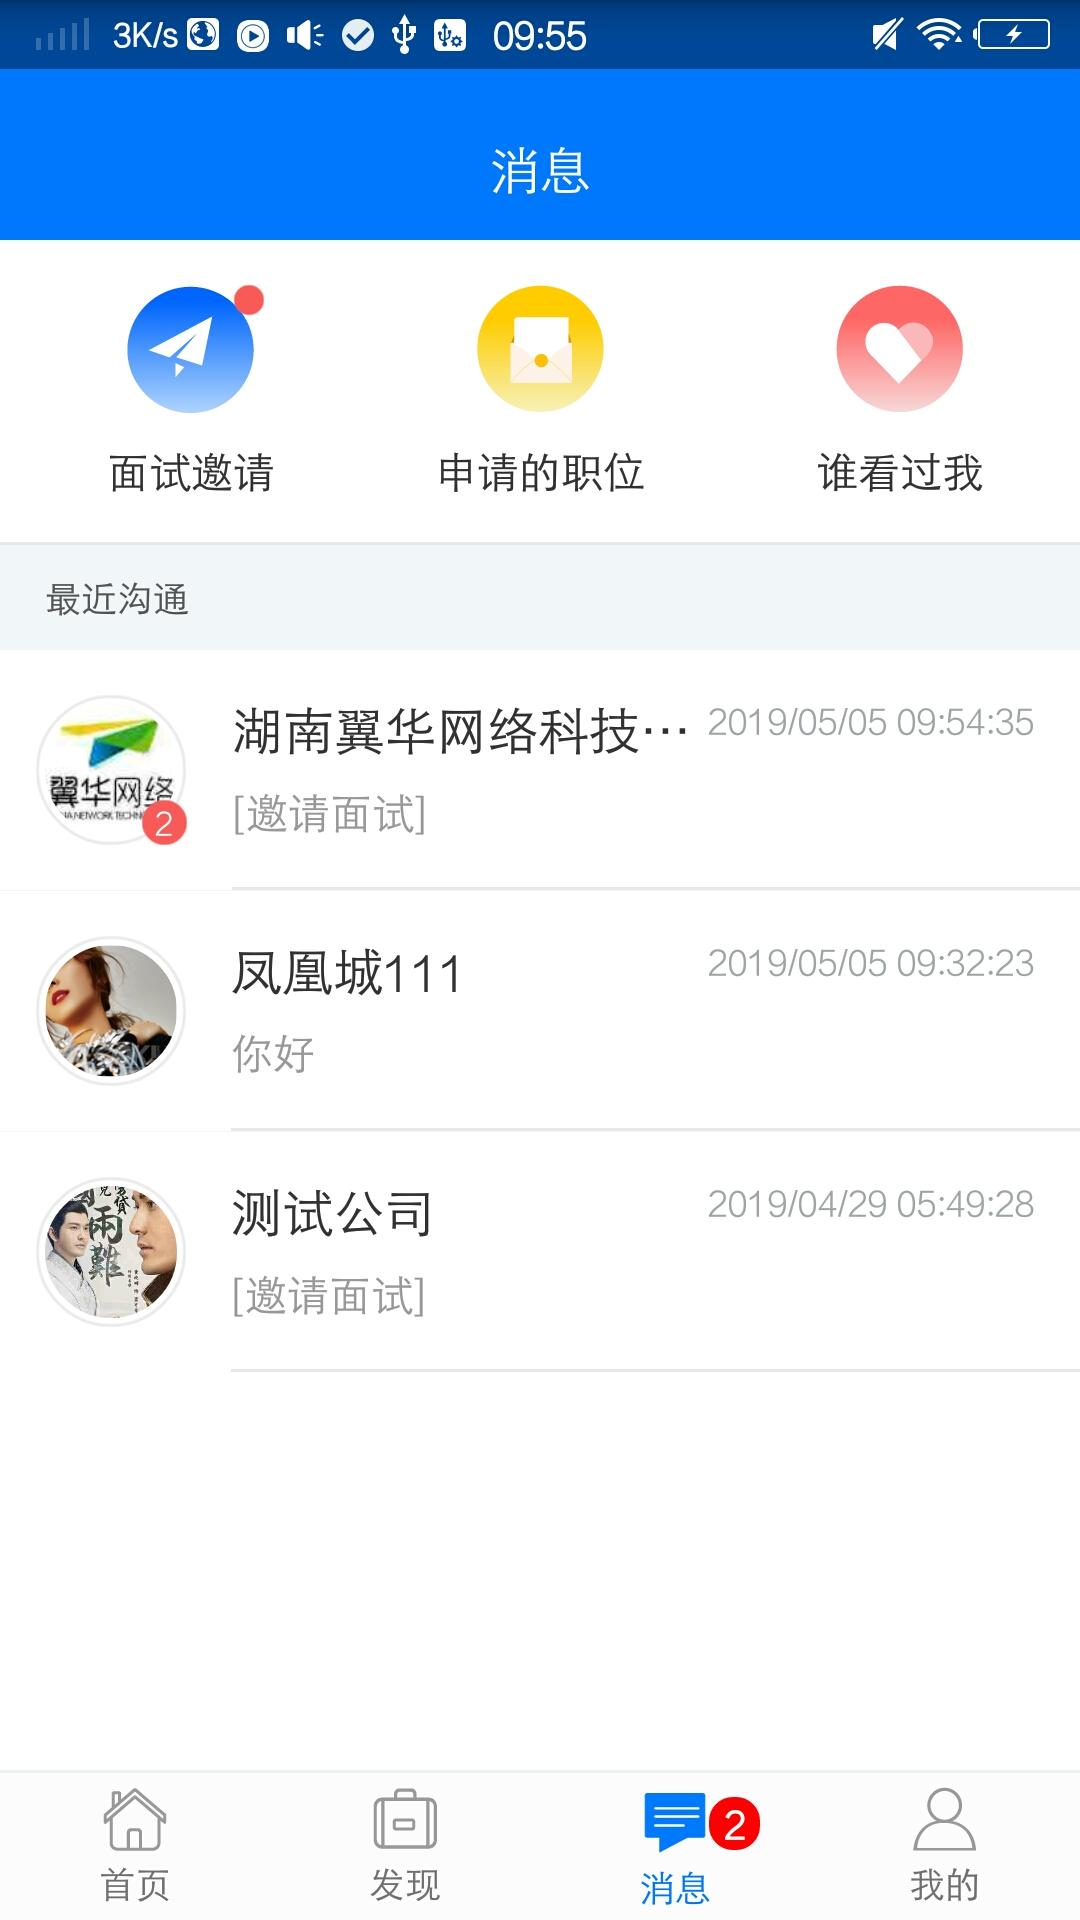 金豪棋牌app手机版下载人才网app消息界面